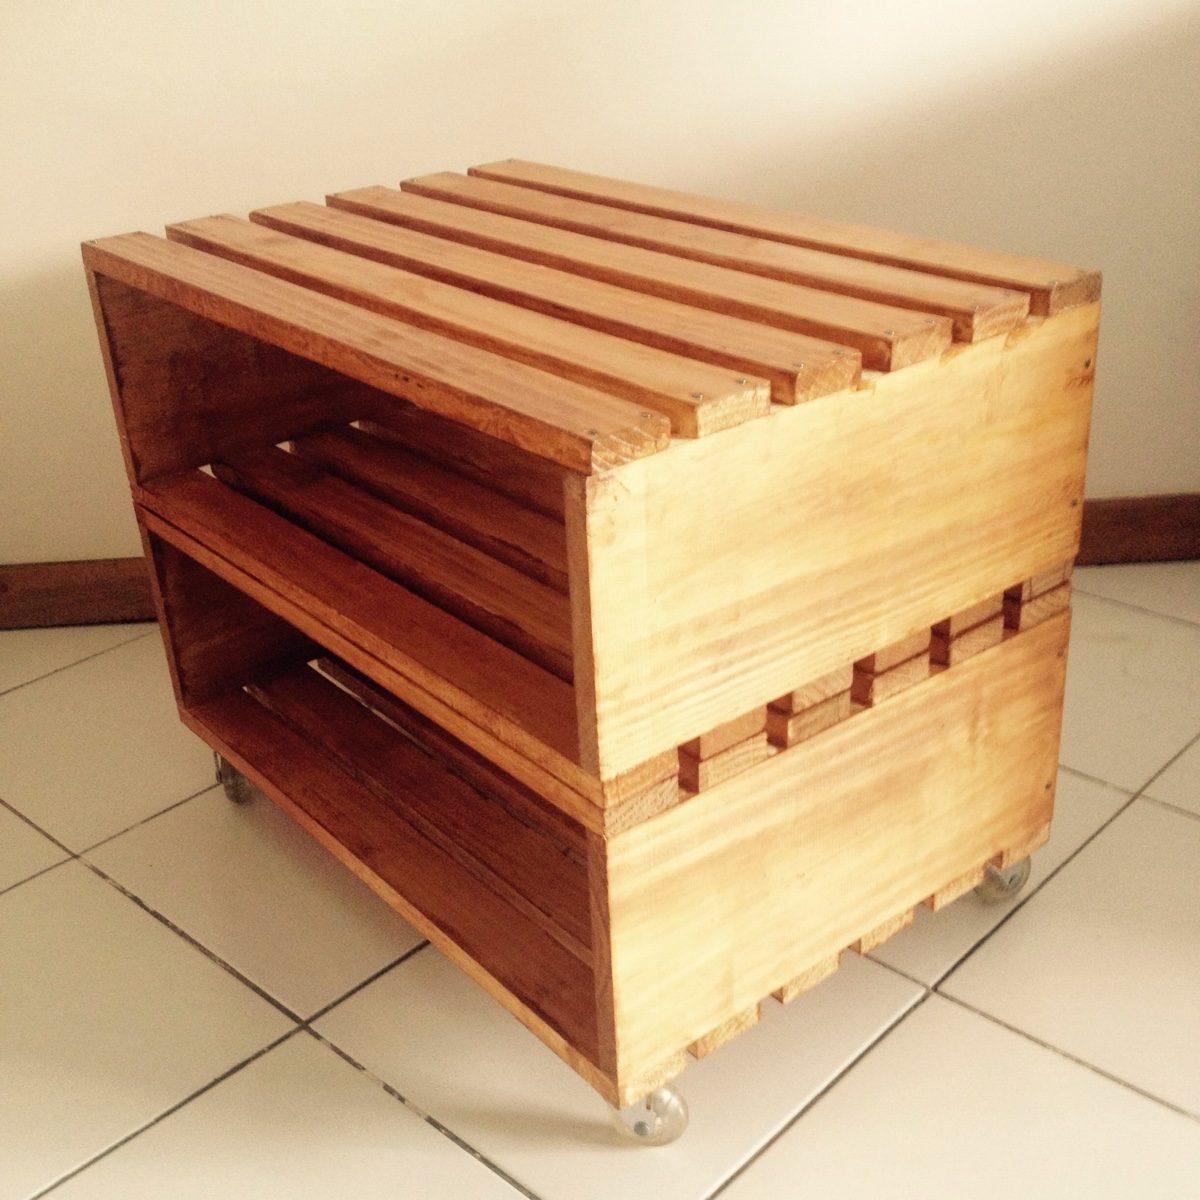 Mesa Lateral Rustica Tipo Caixote De Frutas Madeira De Lei R$ 250 00  #B0761B 1200x1200